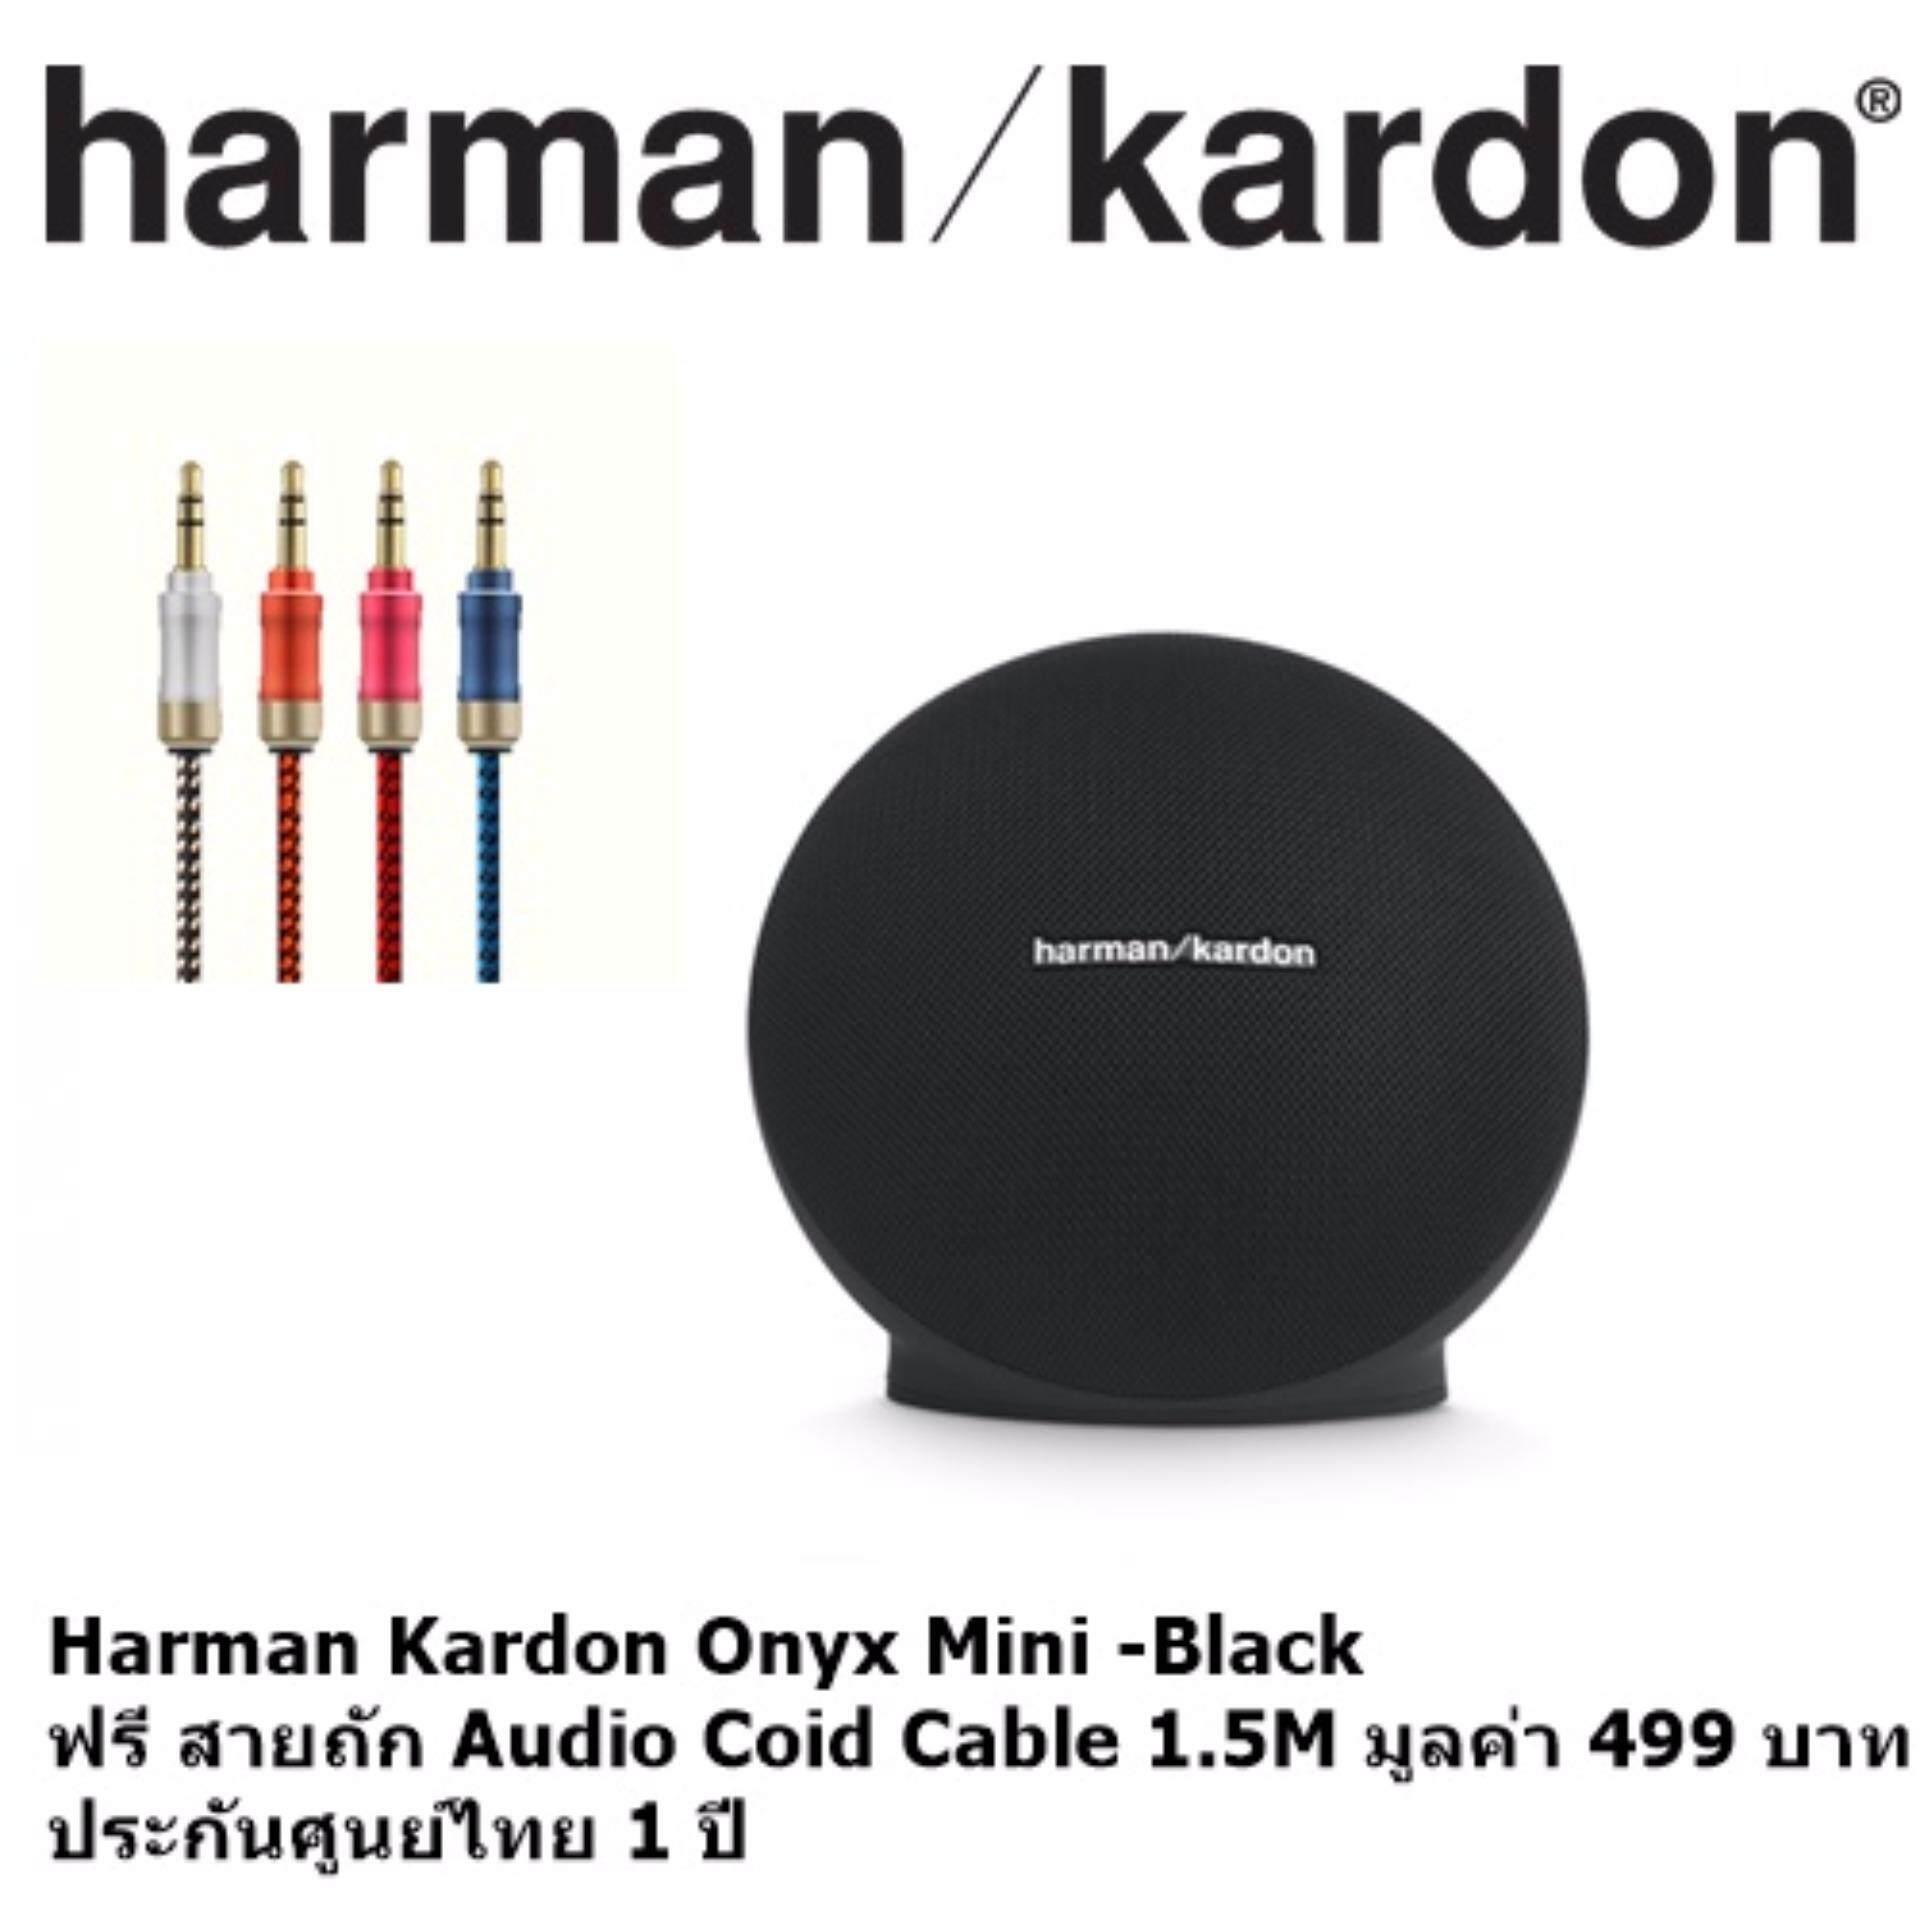 ยี่ห้อนี้ดีไหม  ฉะเชิงเทรา Harman Kardon Onyx Mini Portable Speaker ฟรี สายถัก Audio Coid Cable 1.5M มูลค่า 499 บาท